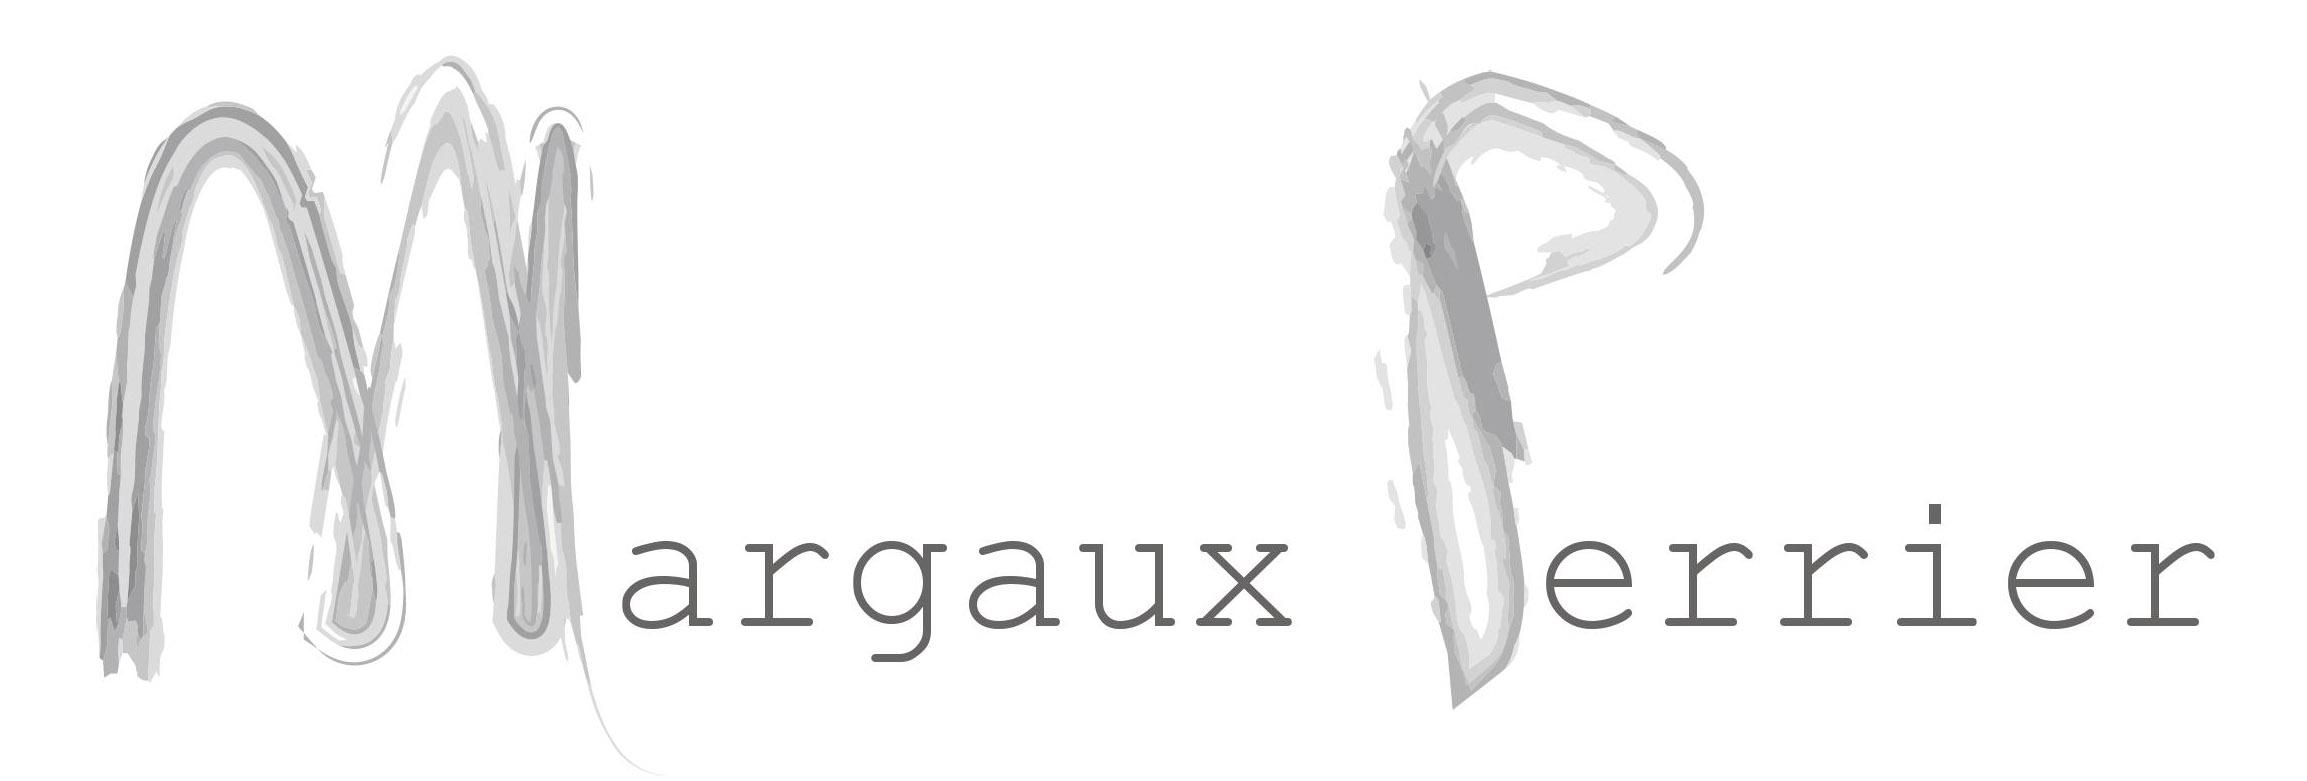 MARGAUX PERRIER Signature